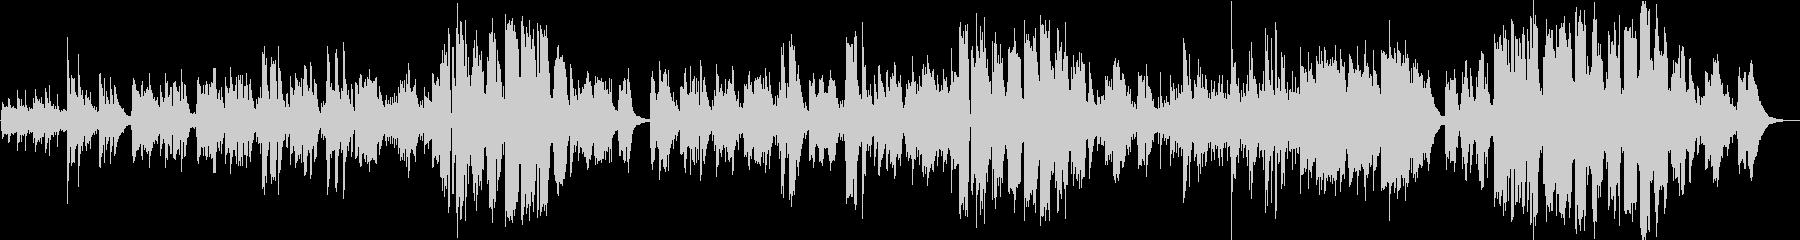 英語/女性ボーカル/生録/フォークソングの未再生の波形